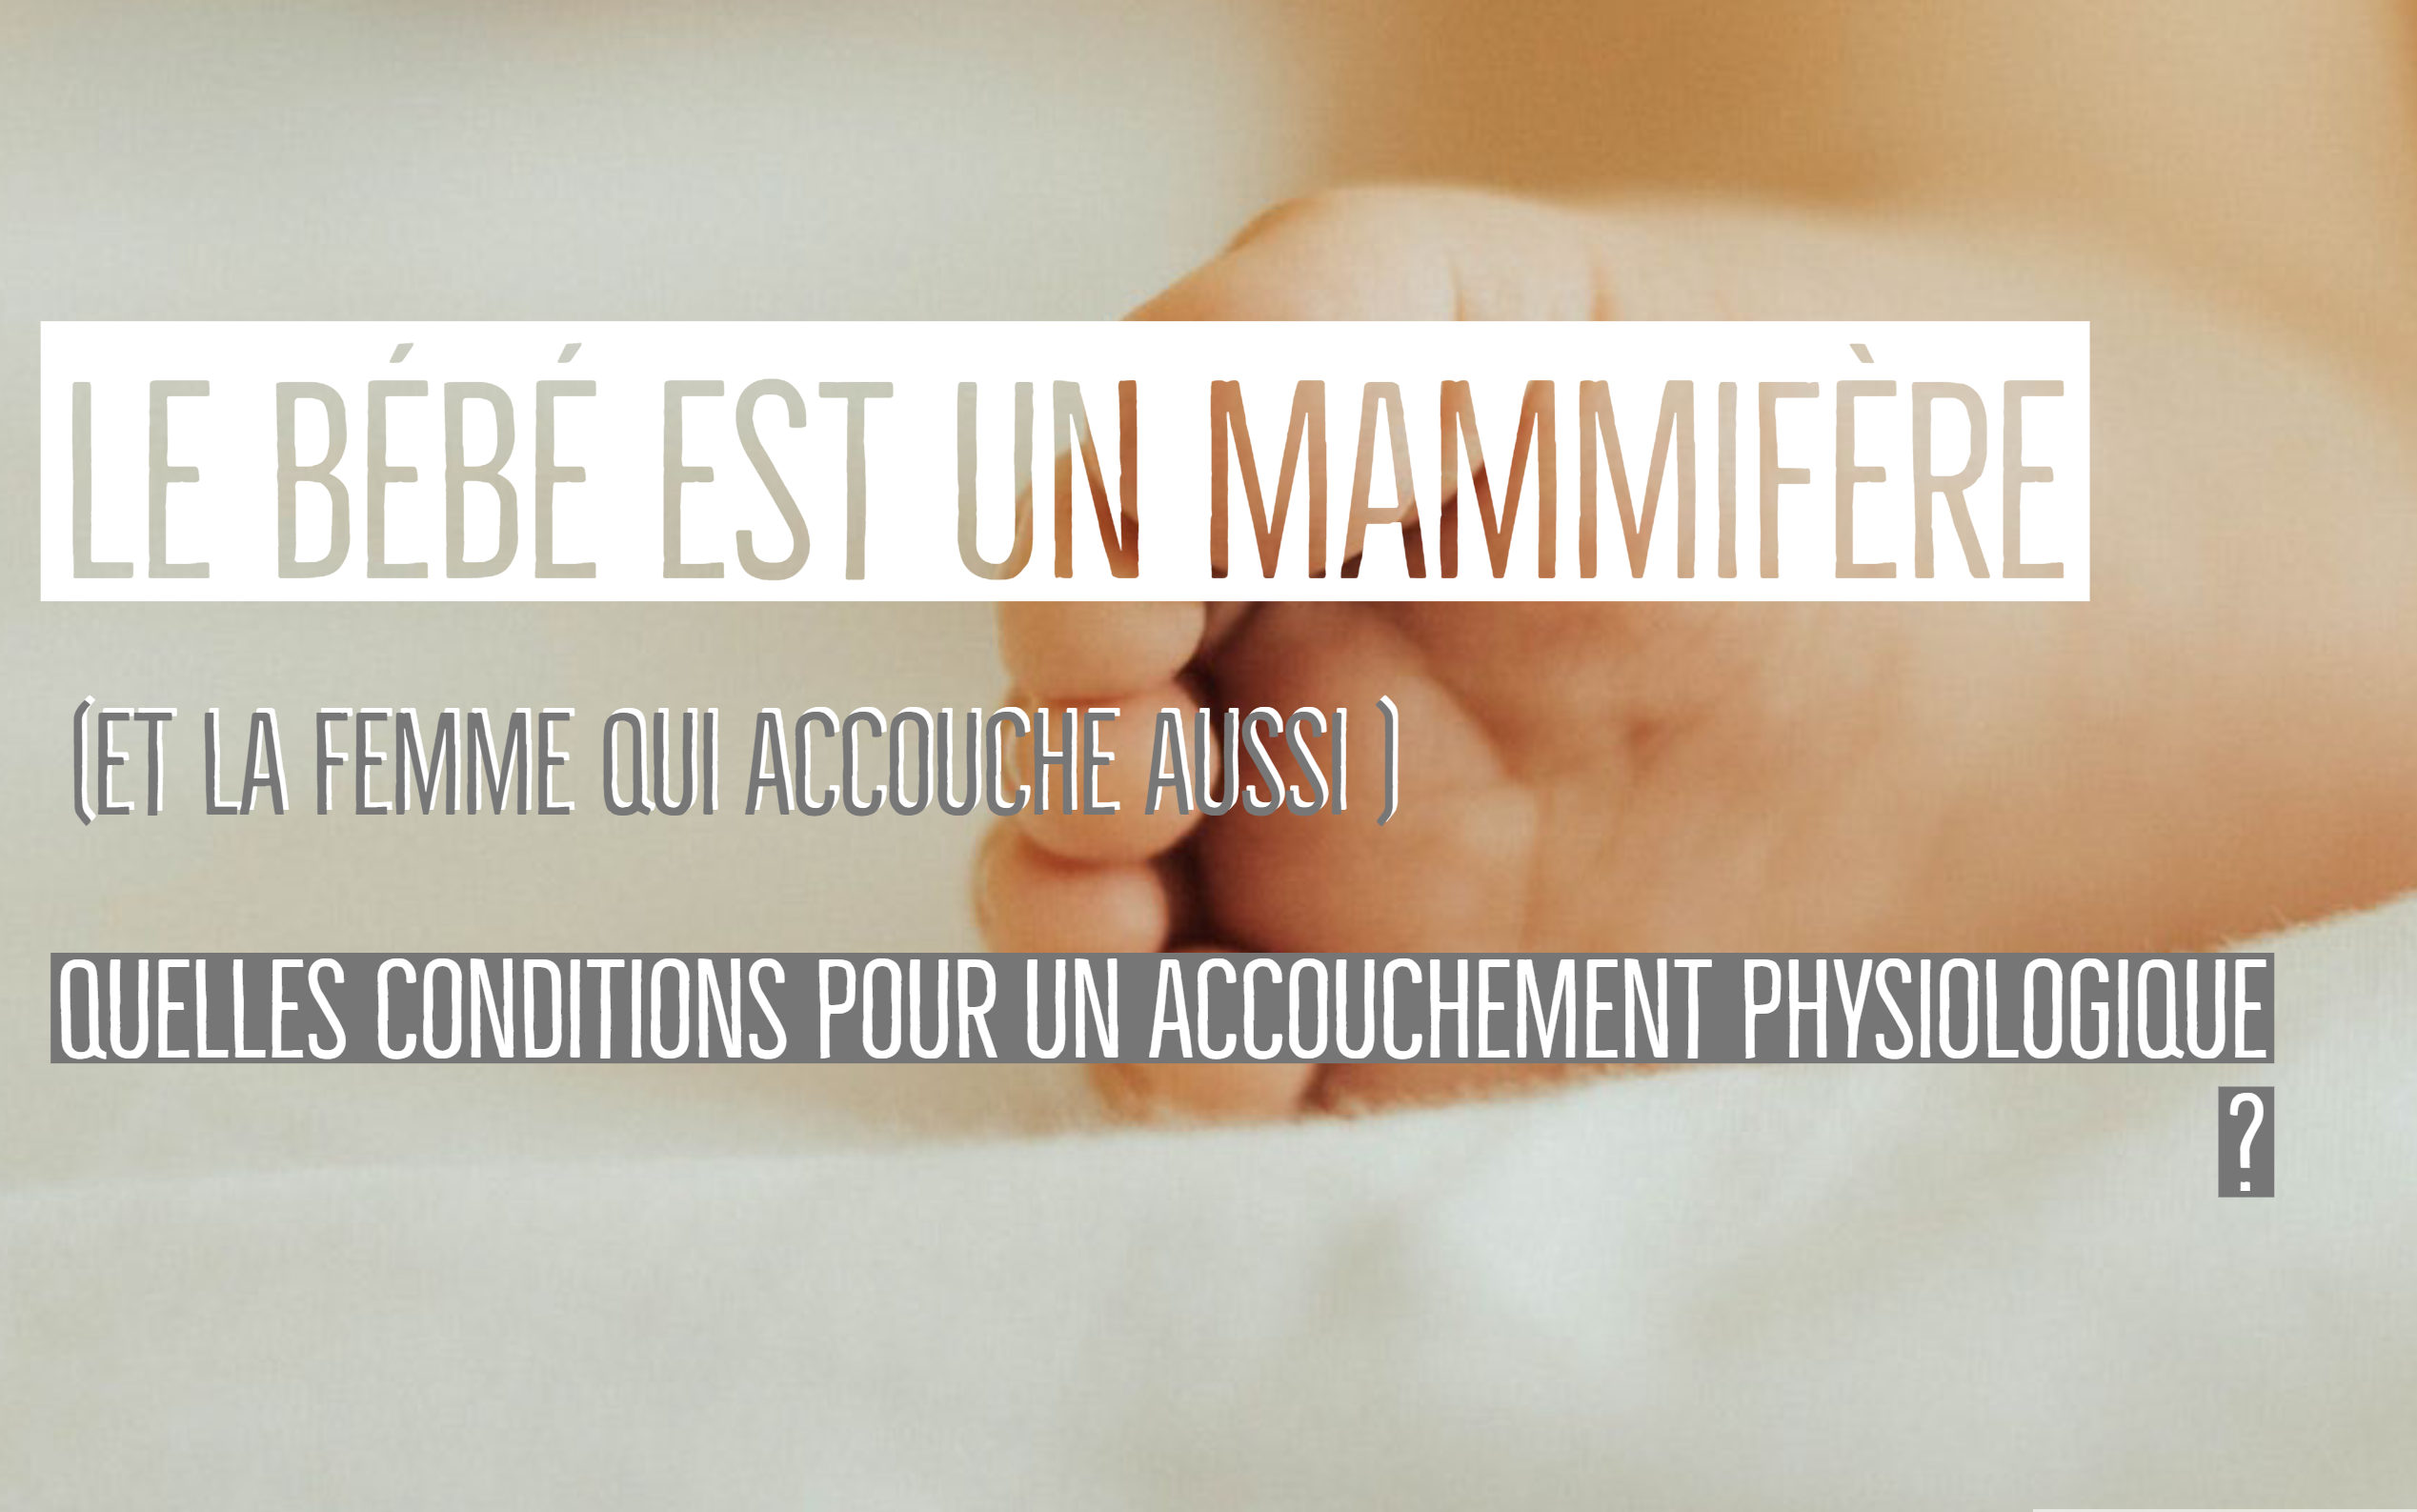 bébé mammifère accouchement physiologique